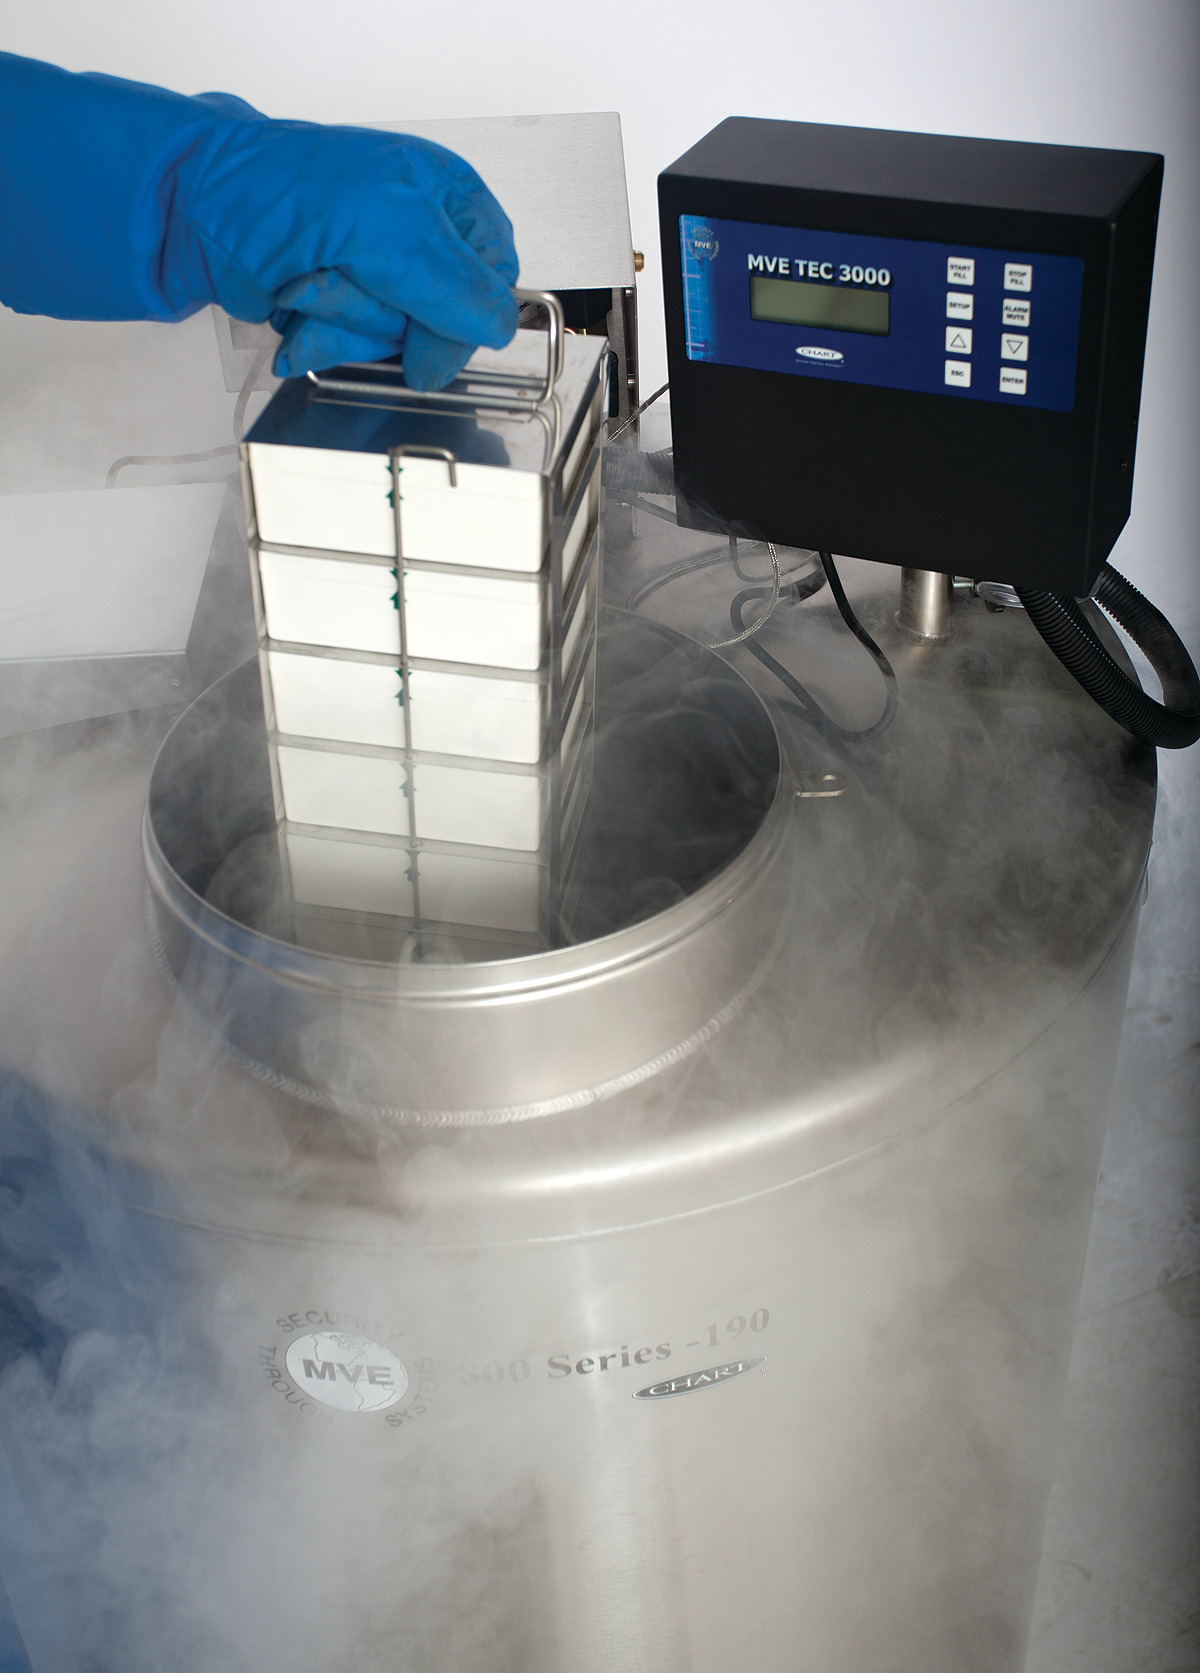 mve-freezer-rack.jpg